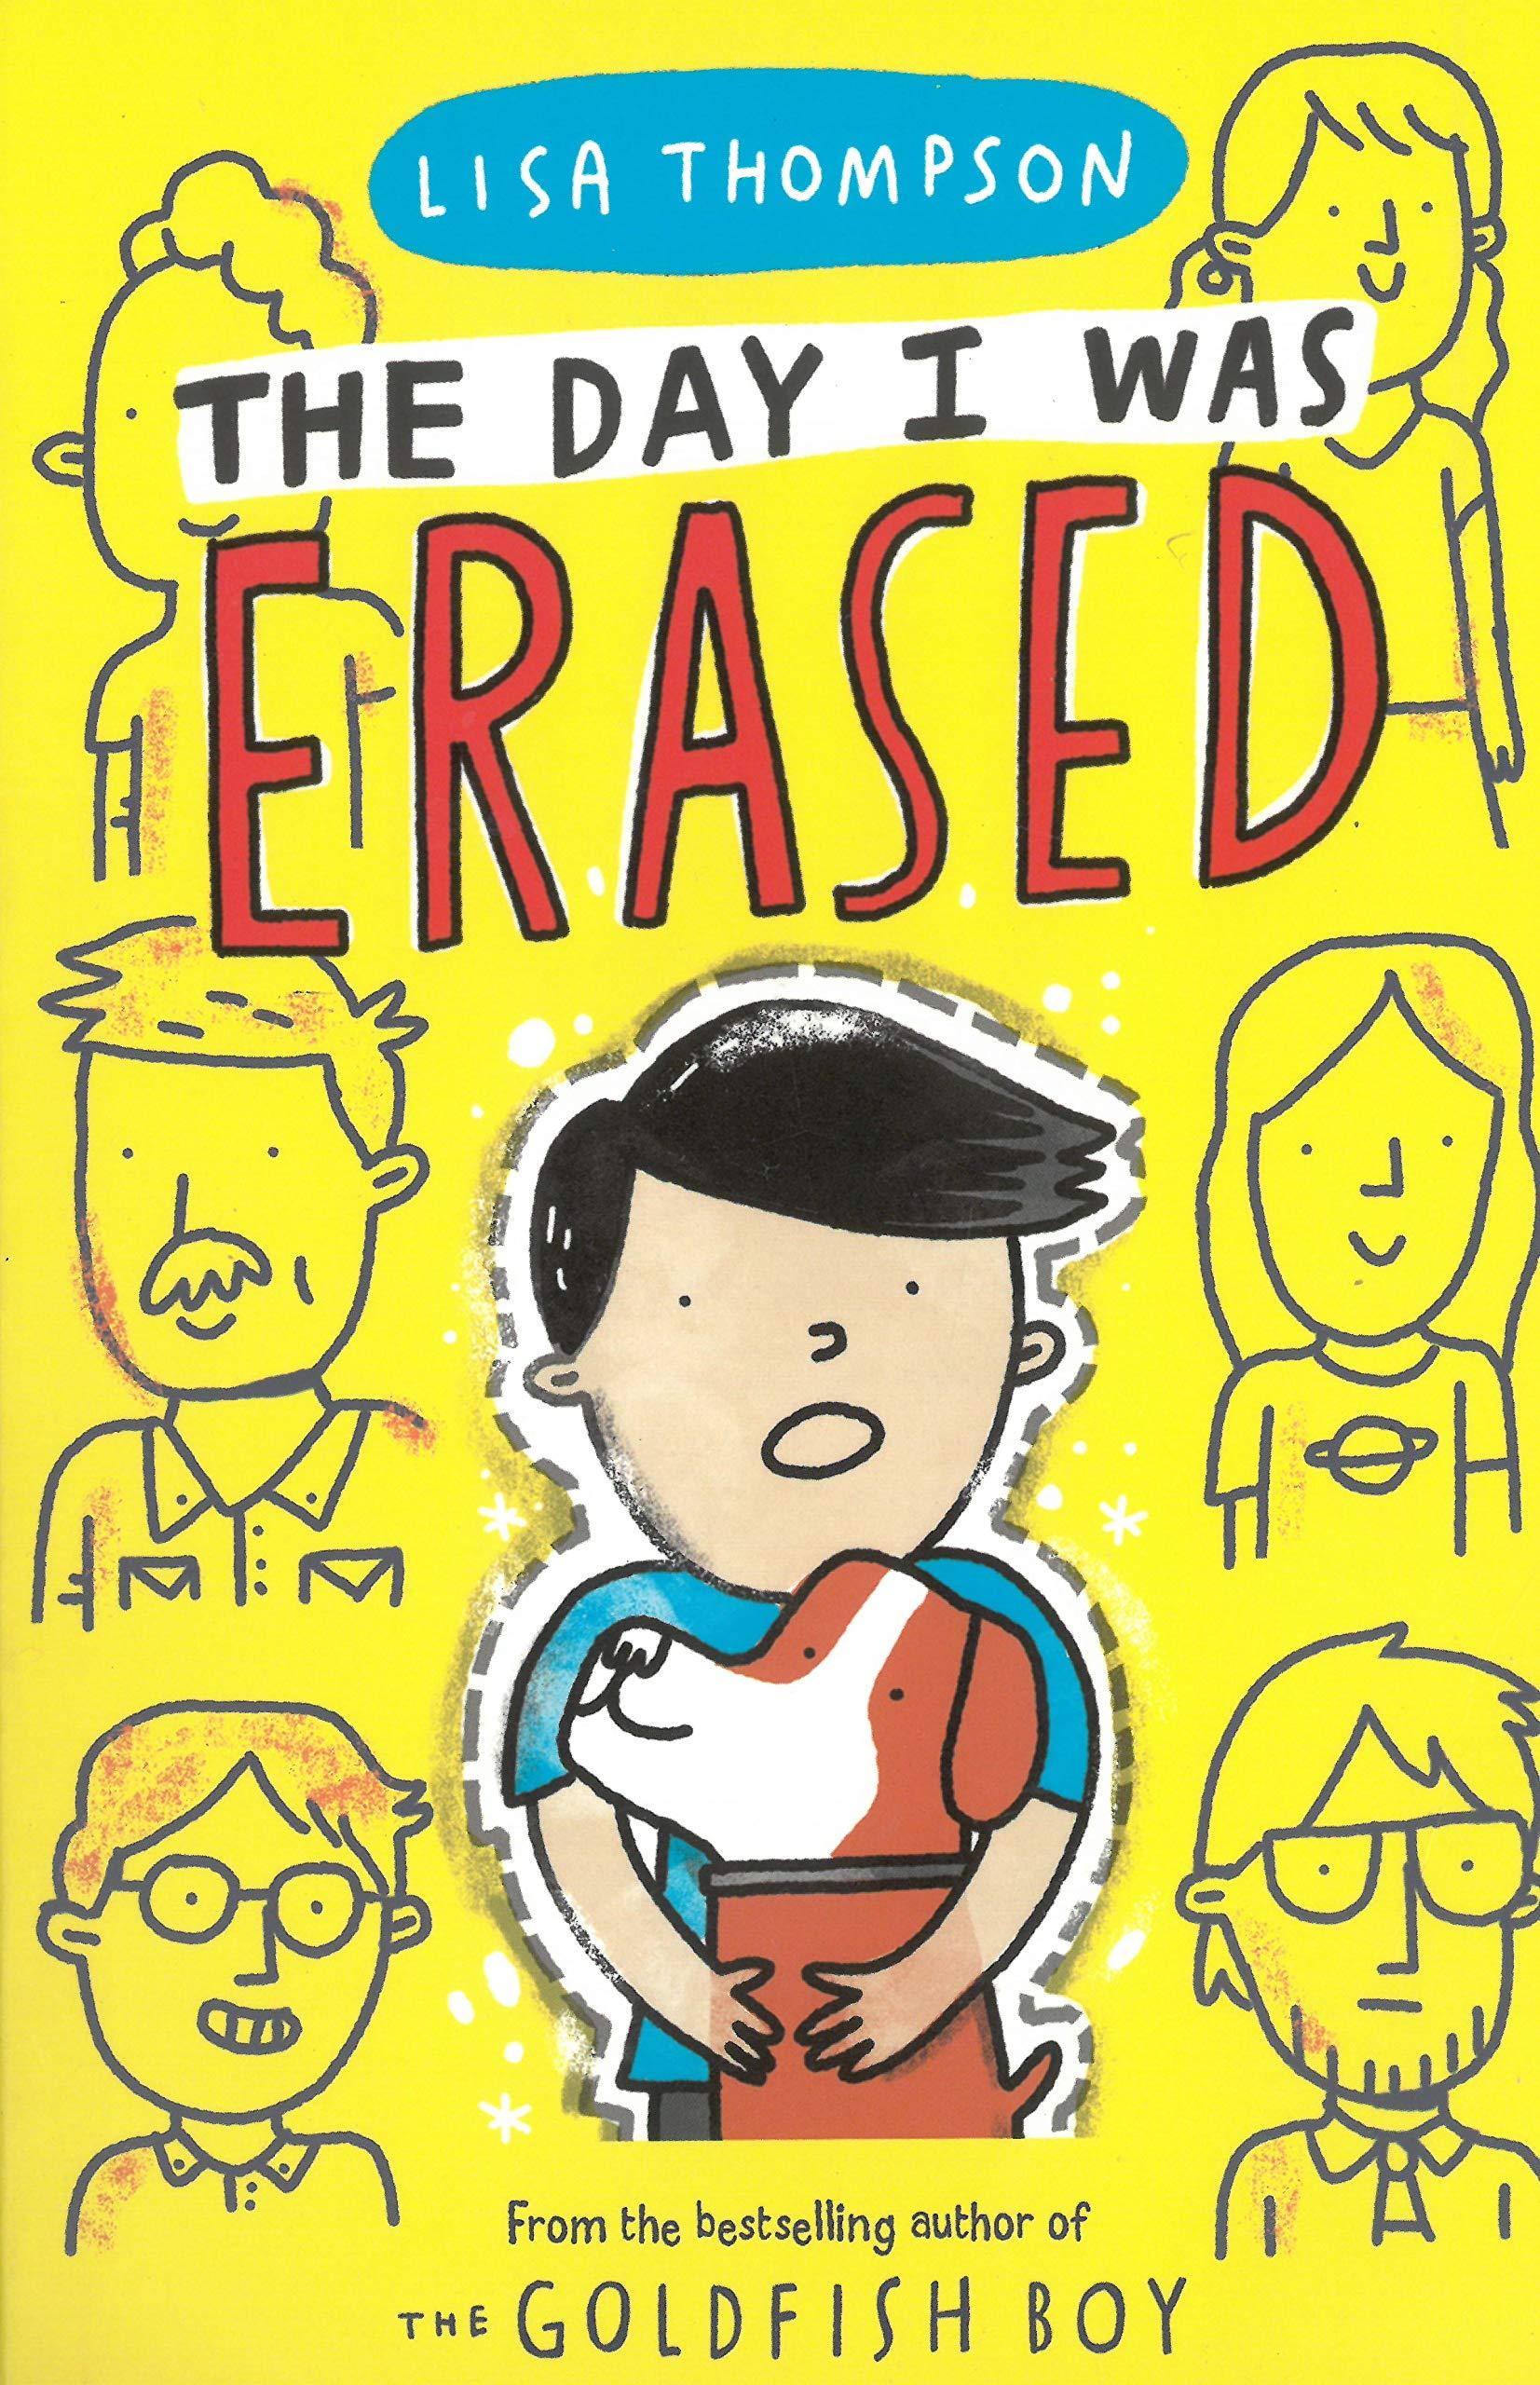 The Day I Was Erased: Amazon.co.uk: Thompson, Lisa: Books